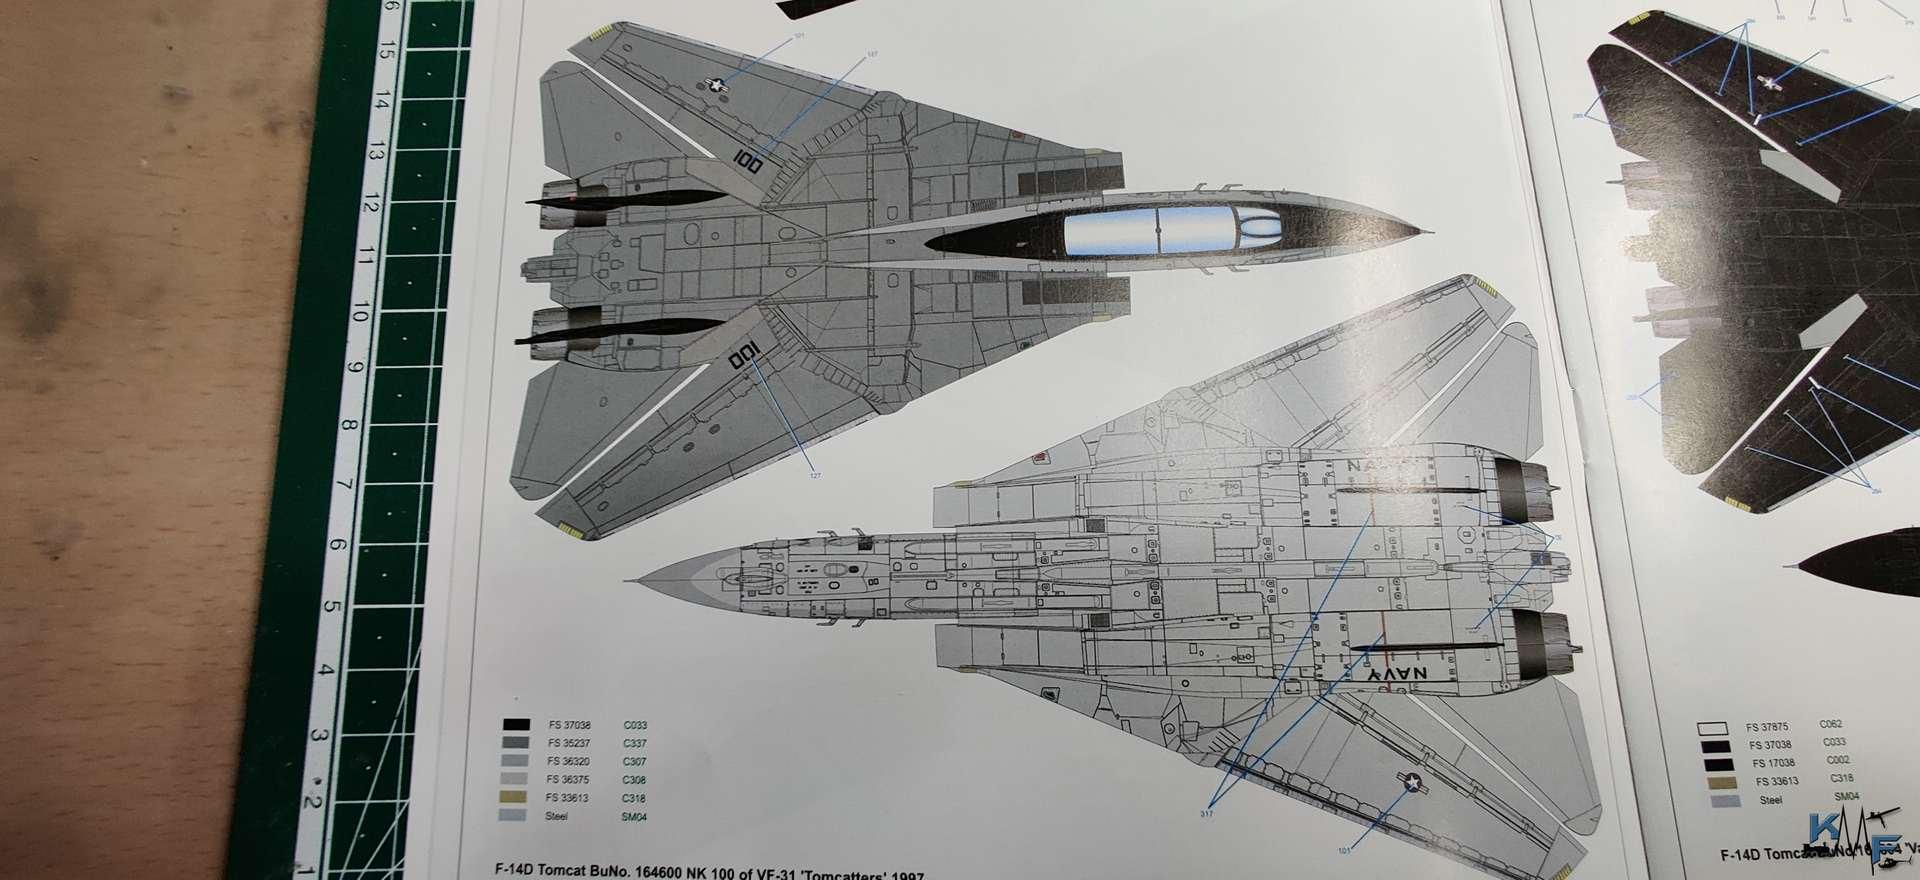 BV-AMK-F-14D_016.jpg